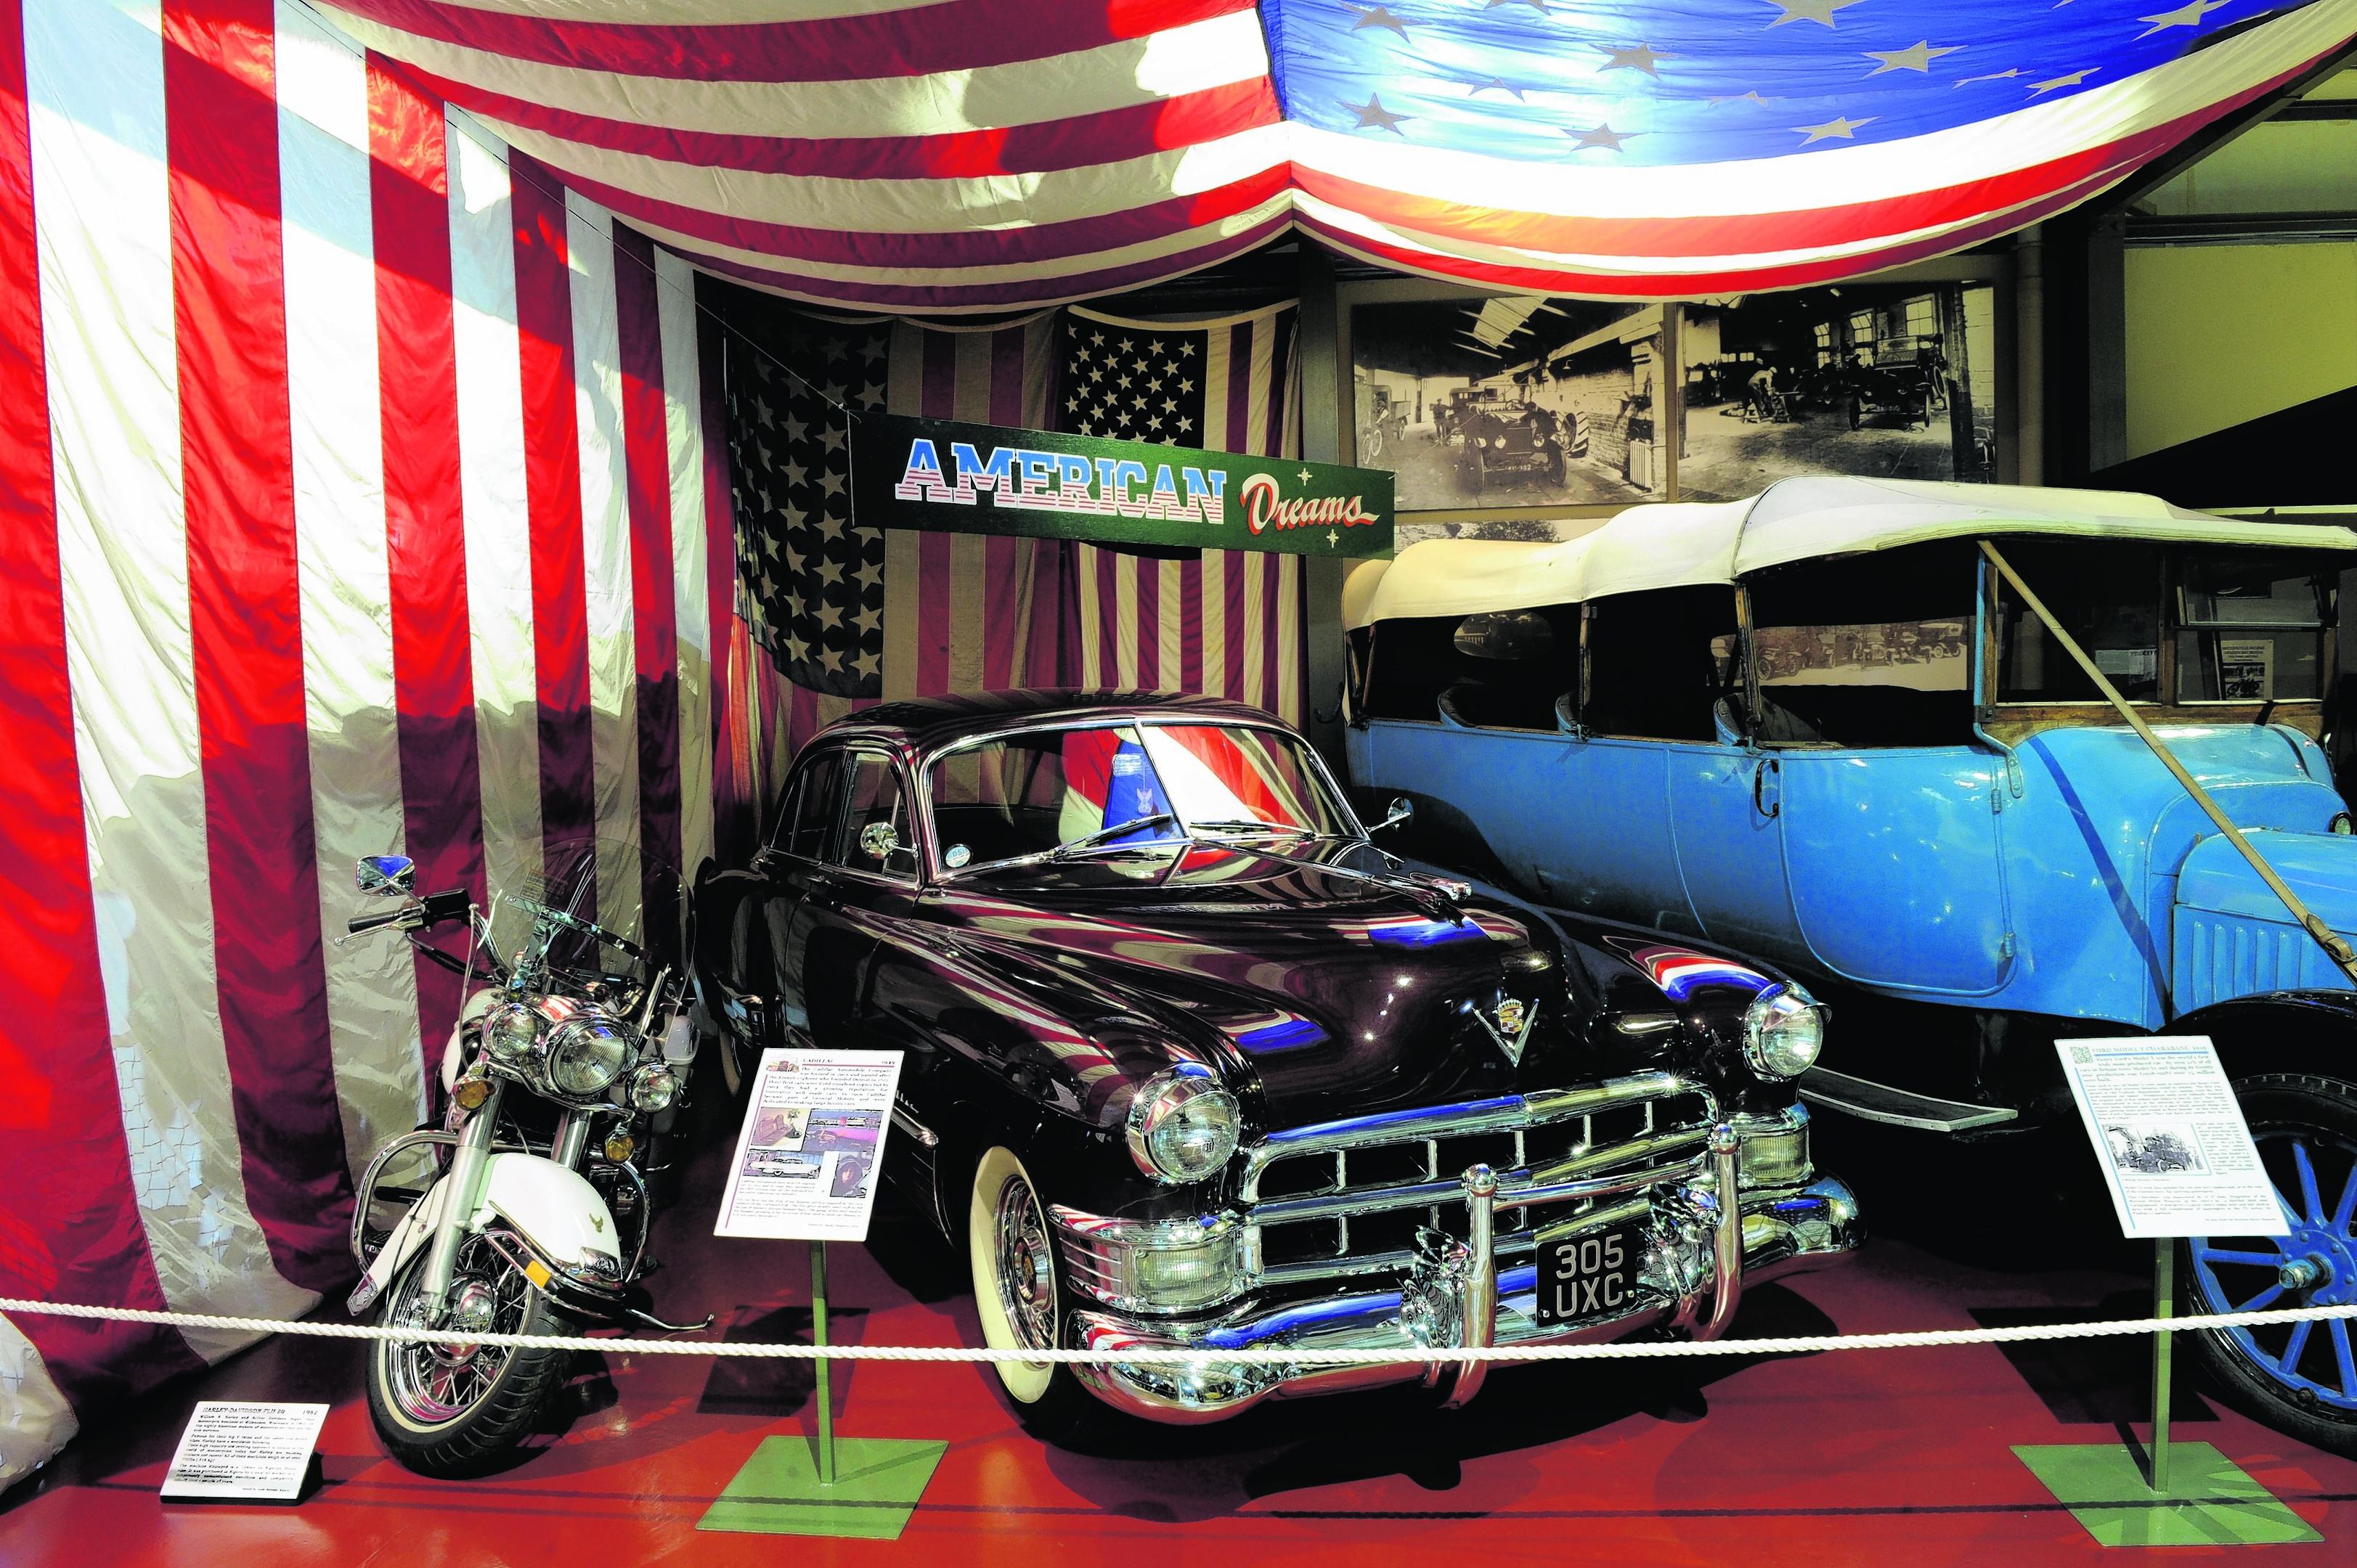 1982 Harley-Davidson FLH and 1949 Cadillac